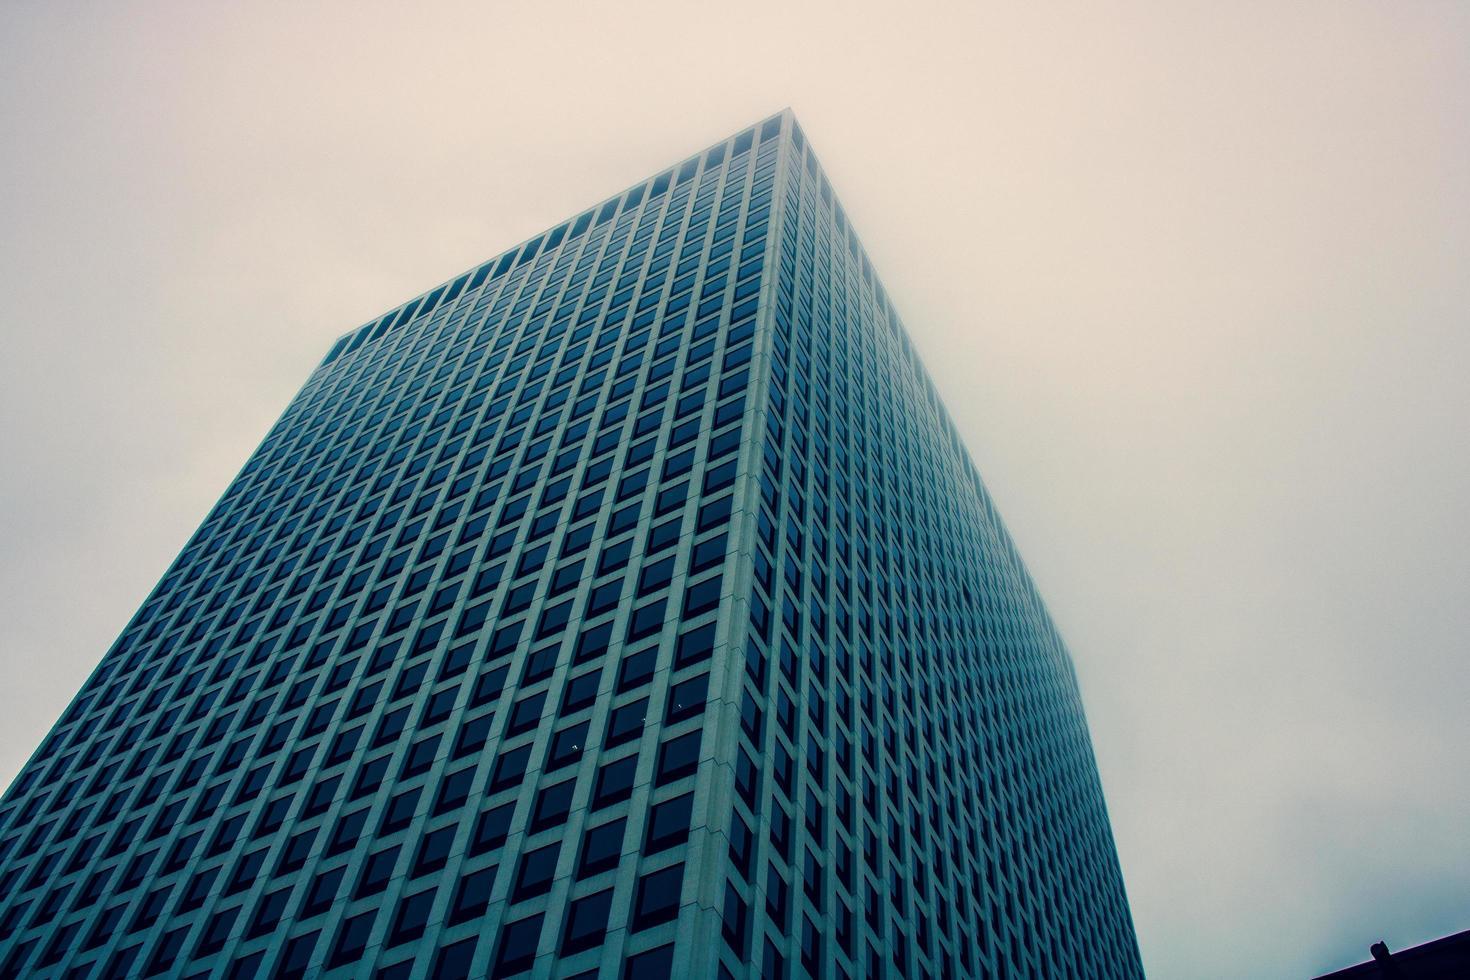 vista a nivel de calle del rascacielos foto